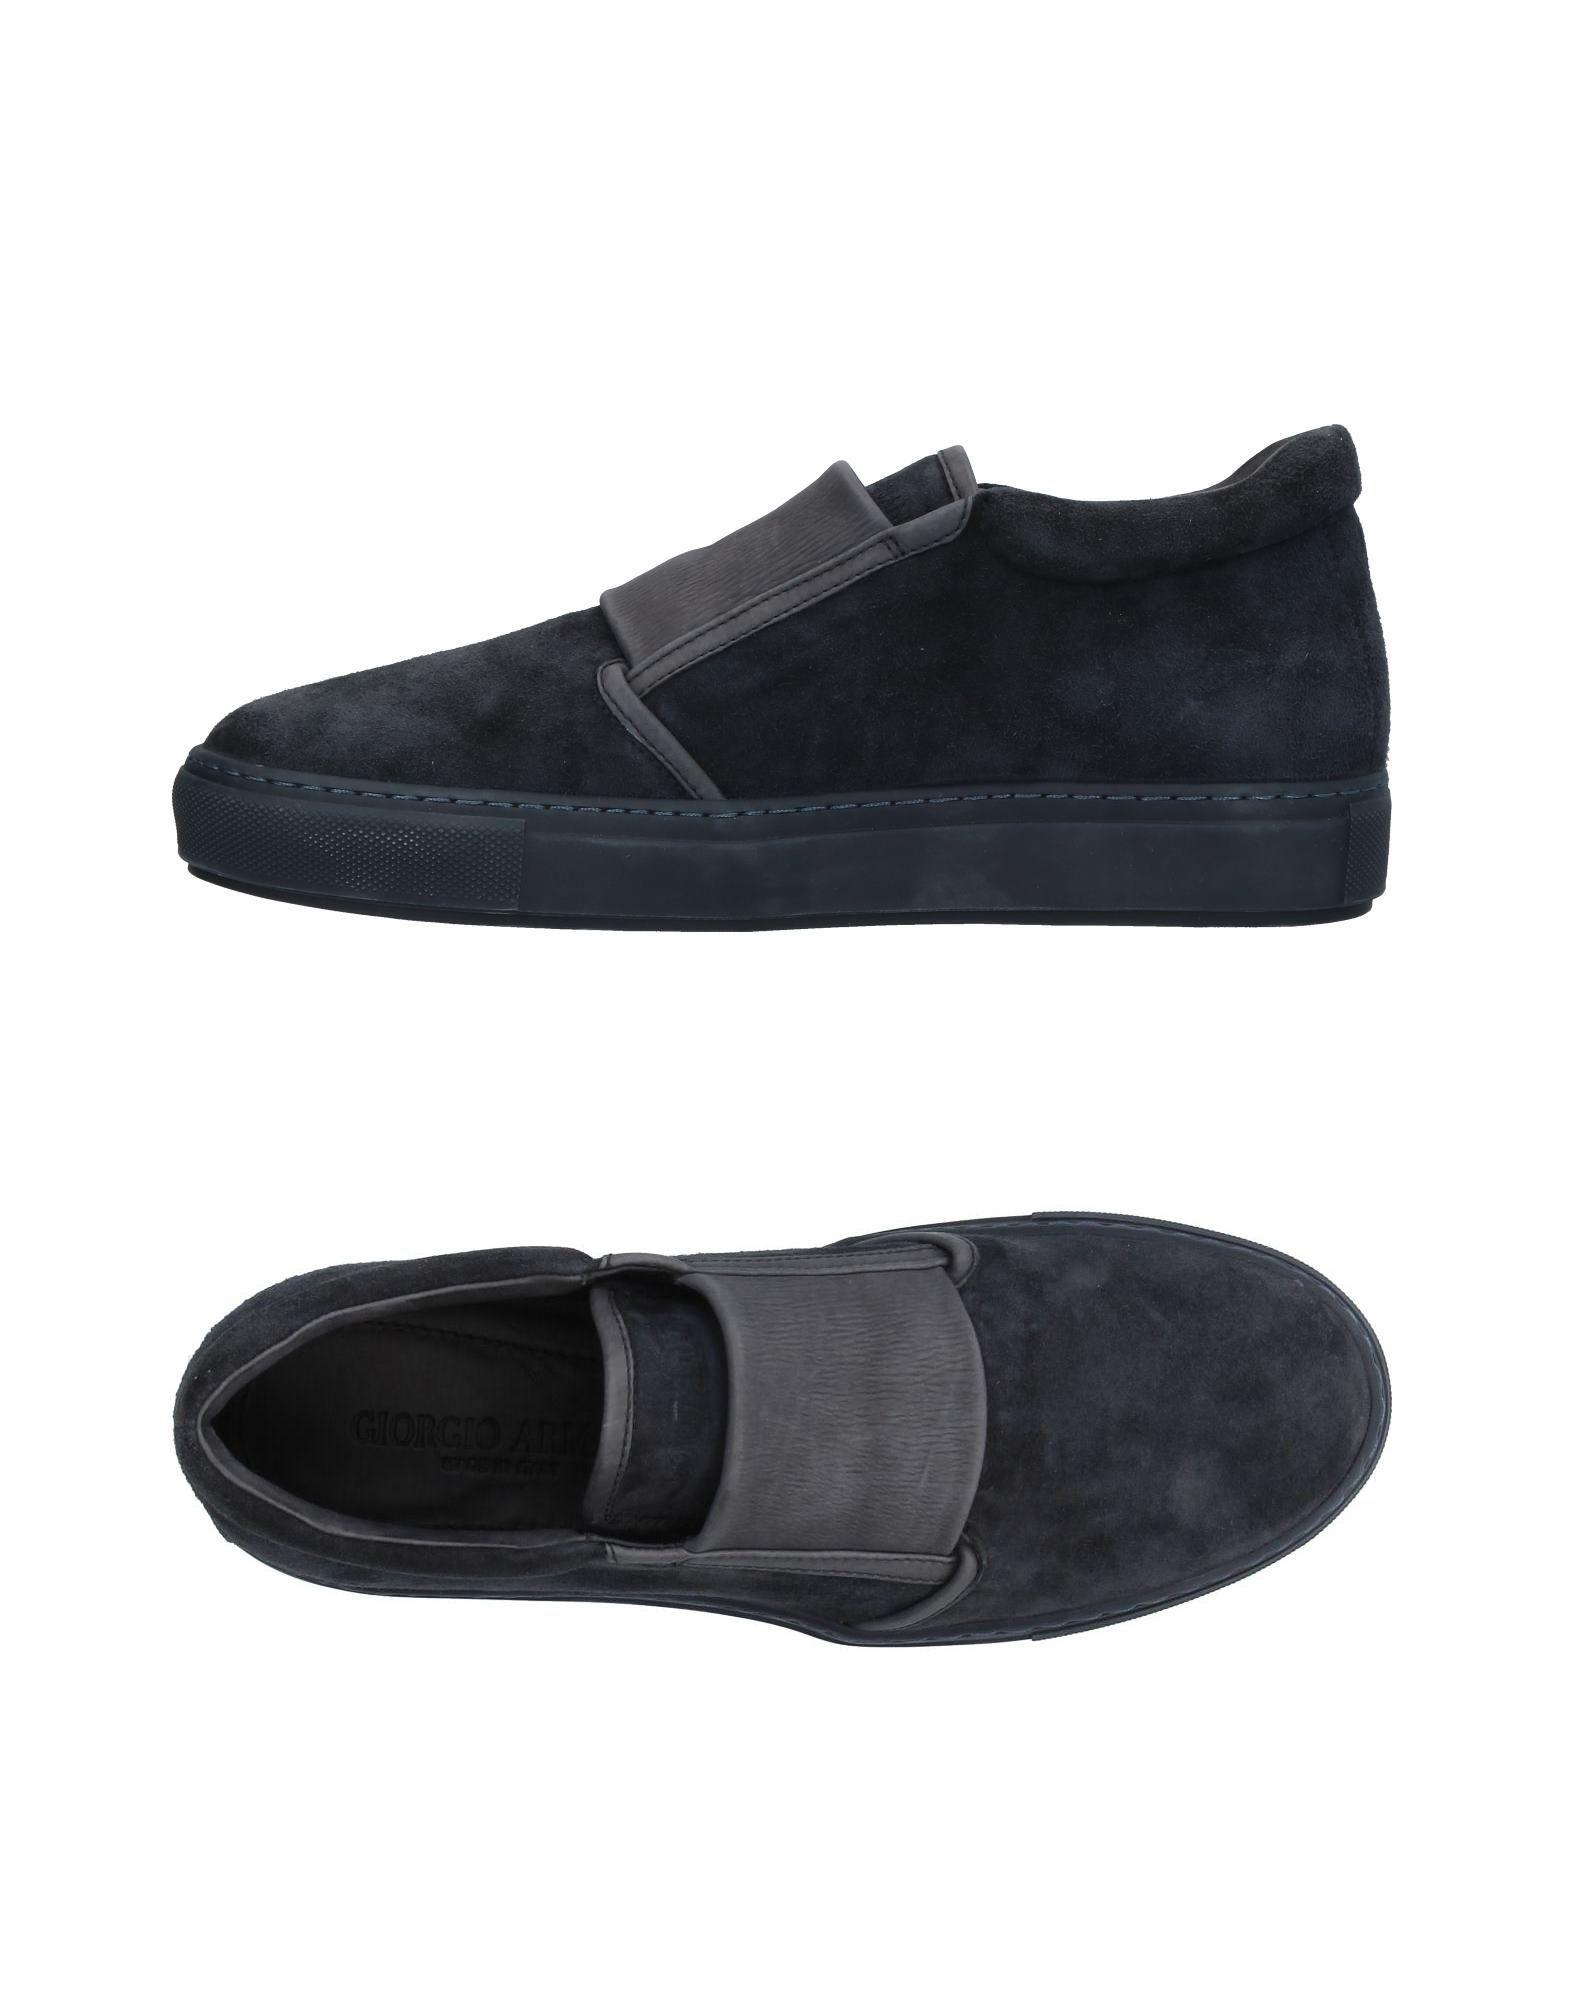 Sneakers Giorgio Armani Homme - Sneakers Giorgio Armani sur